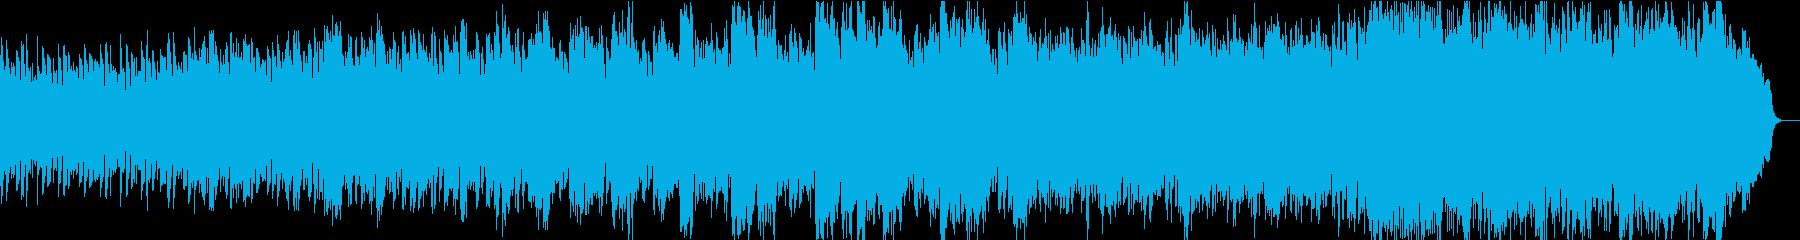 優しくつつむ感動ピアノ:高音弦抜きの再生済みの波形